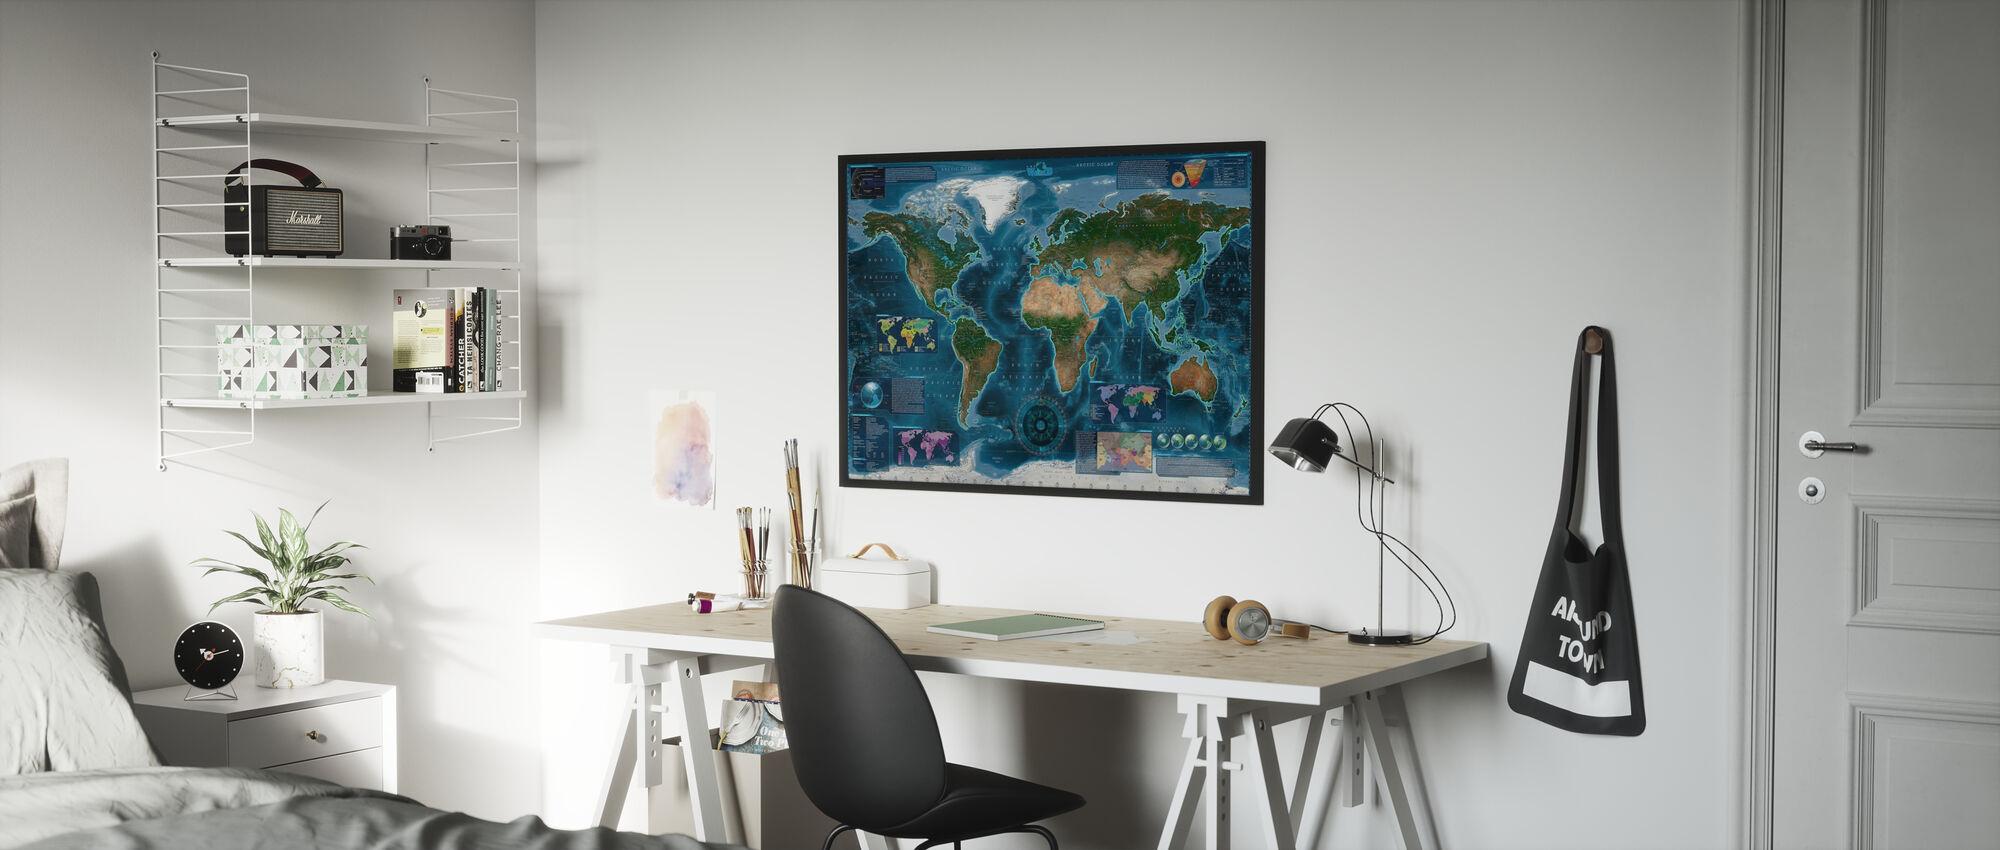 Satelite Karte Infografik - Poster - Kinderzimmer